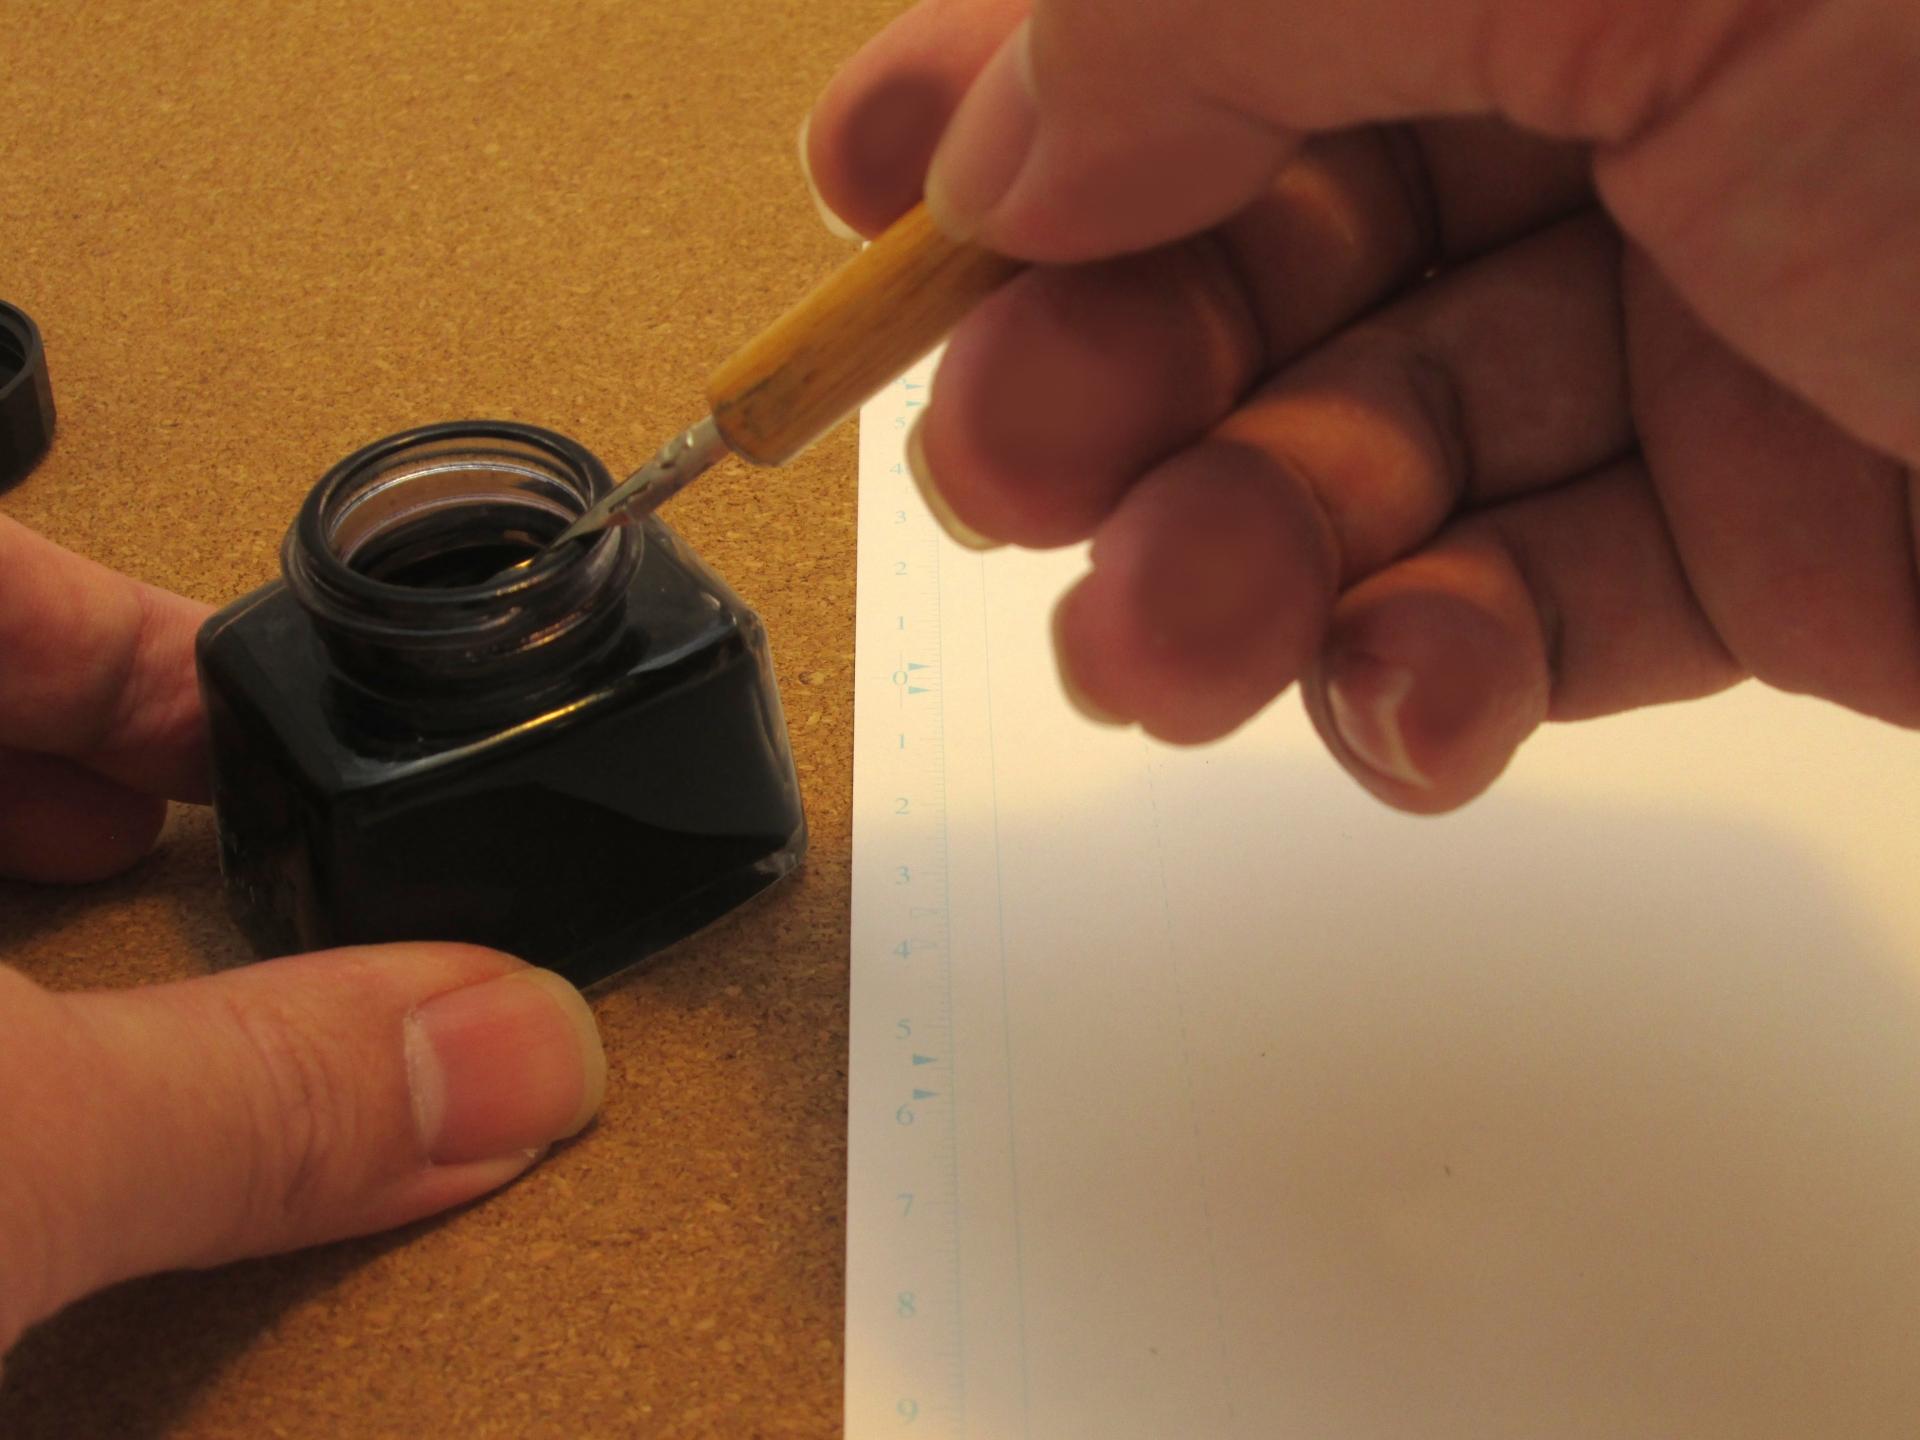 Gペンと丸ペンの違いを知って上手に使い分けよう!